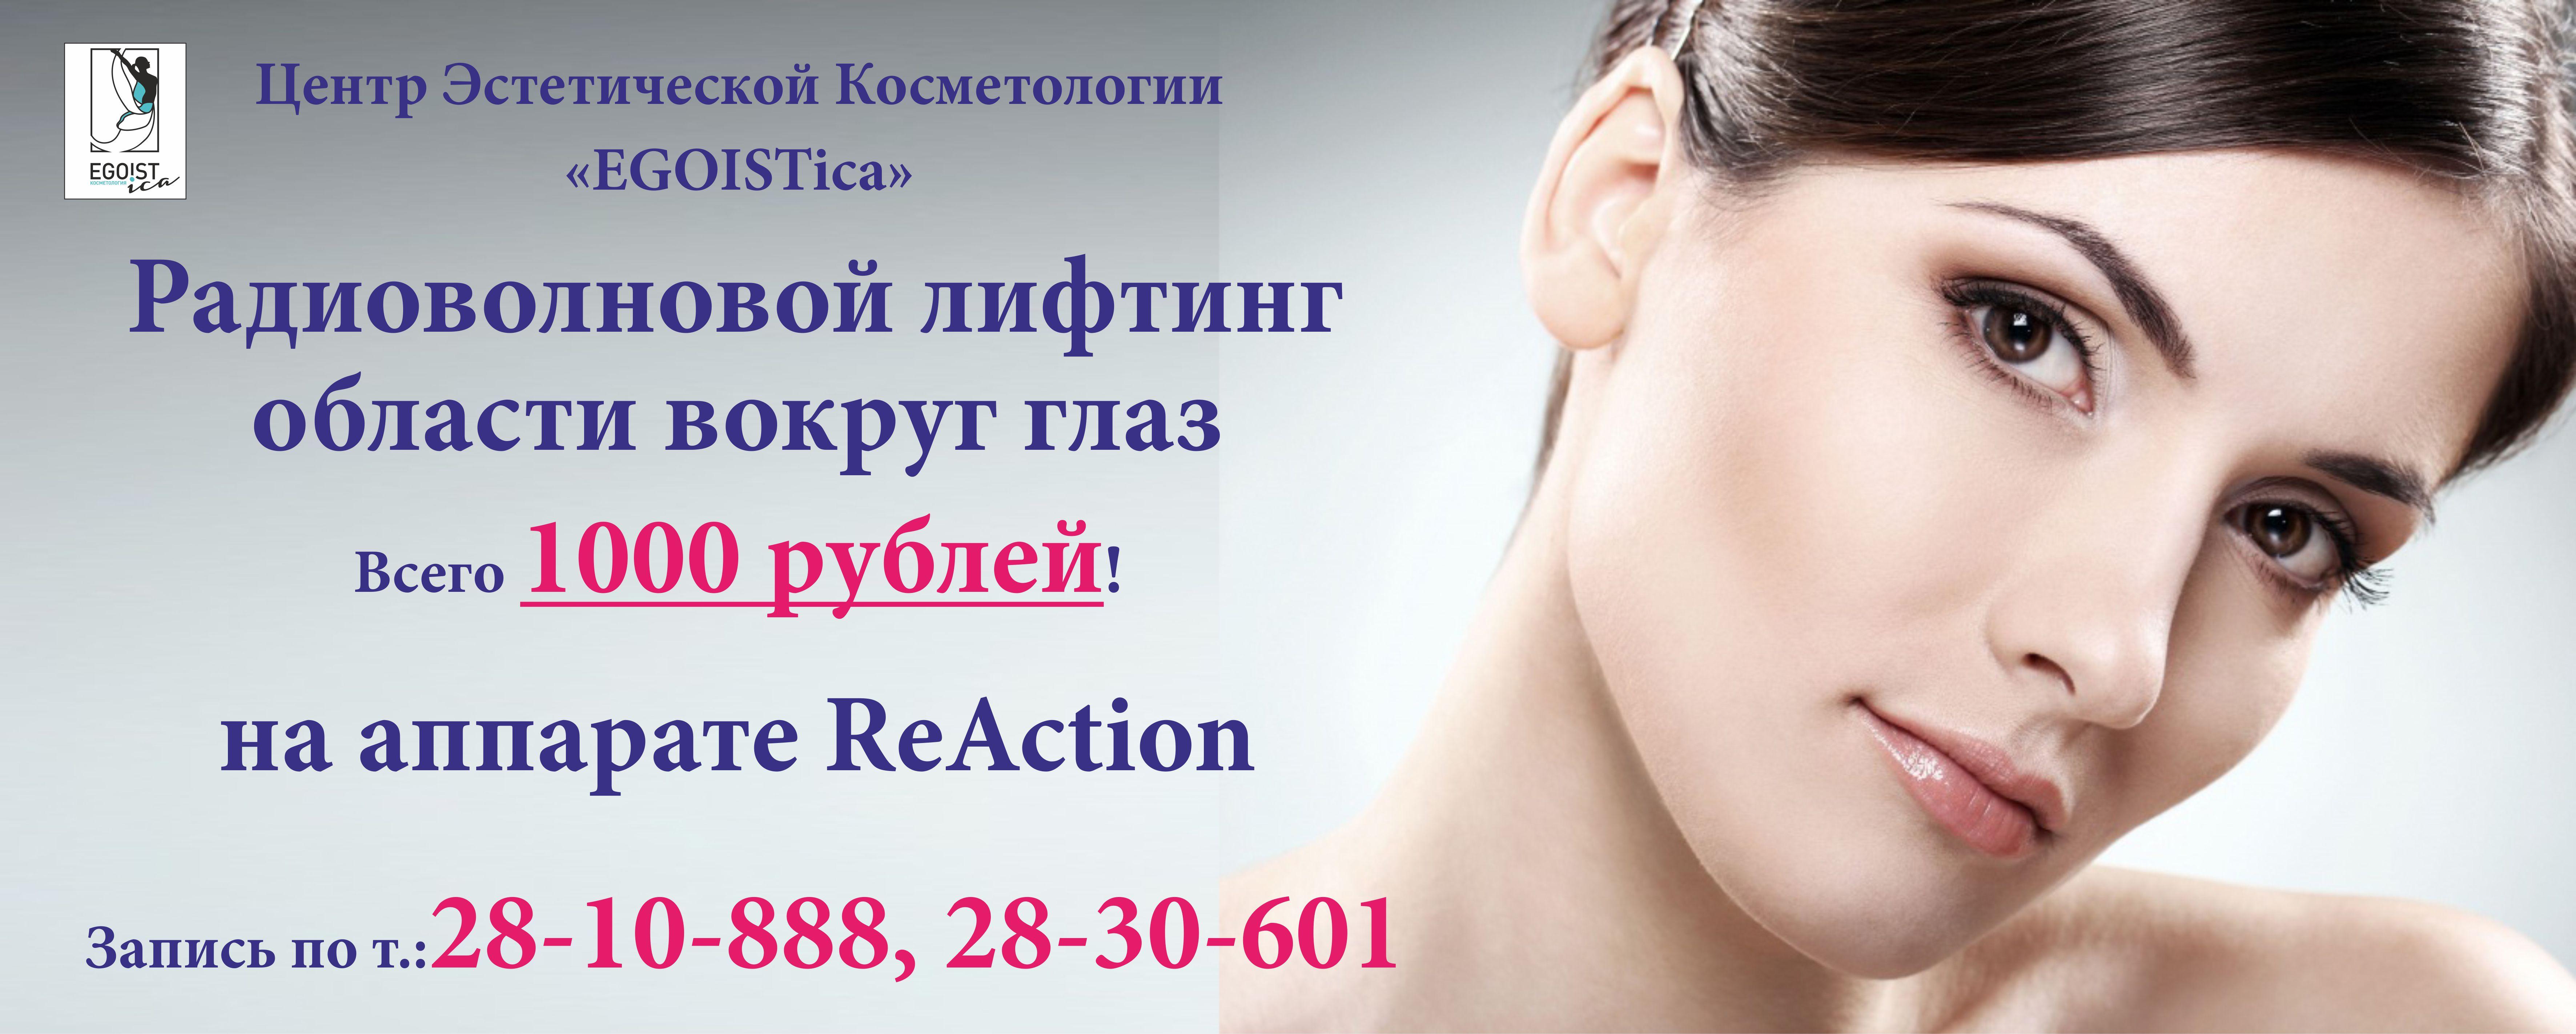 Только для вас! Радиоволновой лифтинг всего за 1000 рублей!